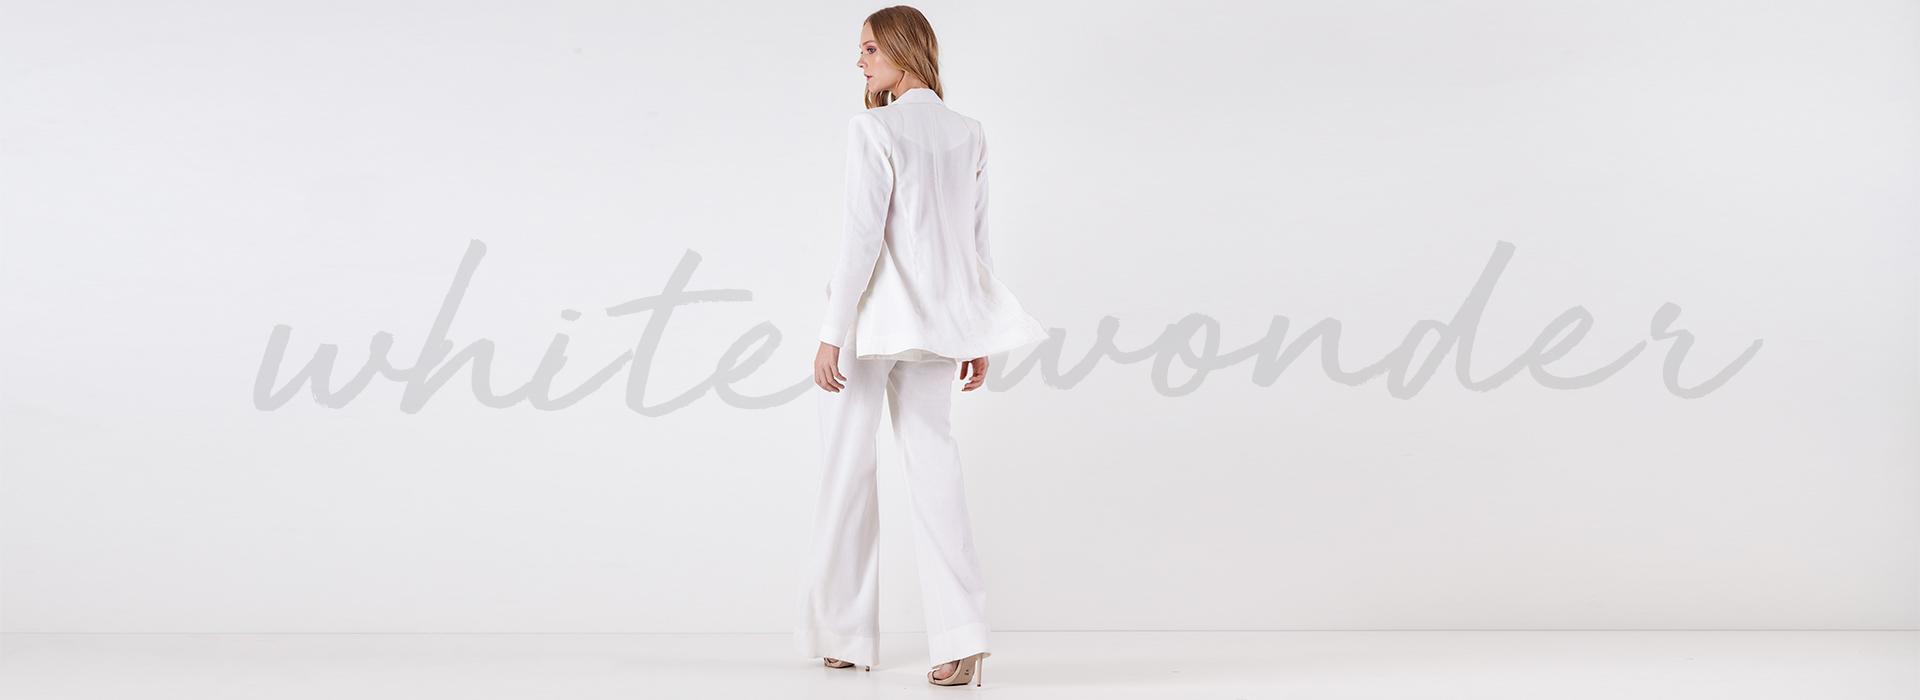 banner coleção destaque fullscreen - white wonder